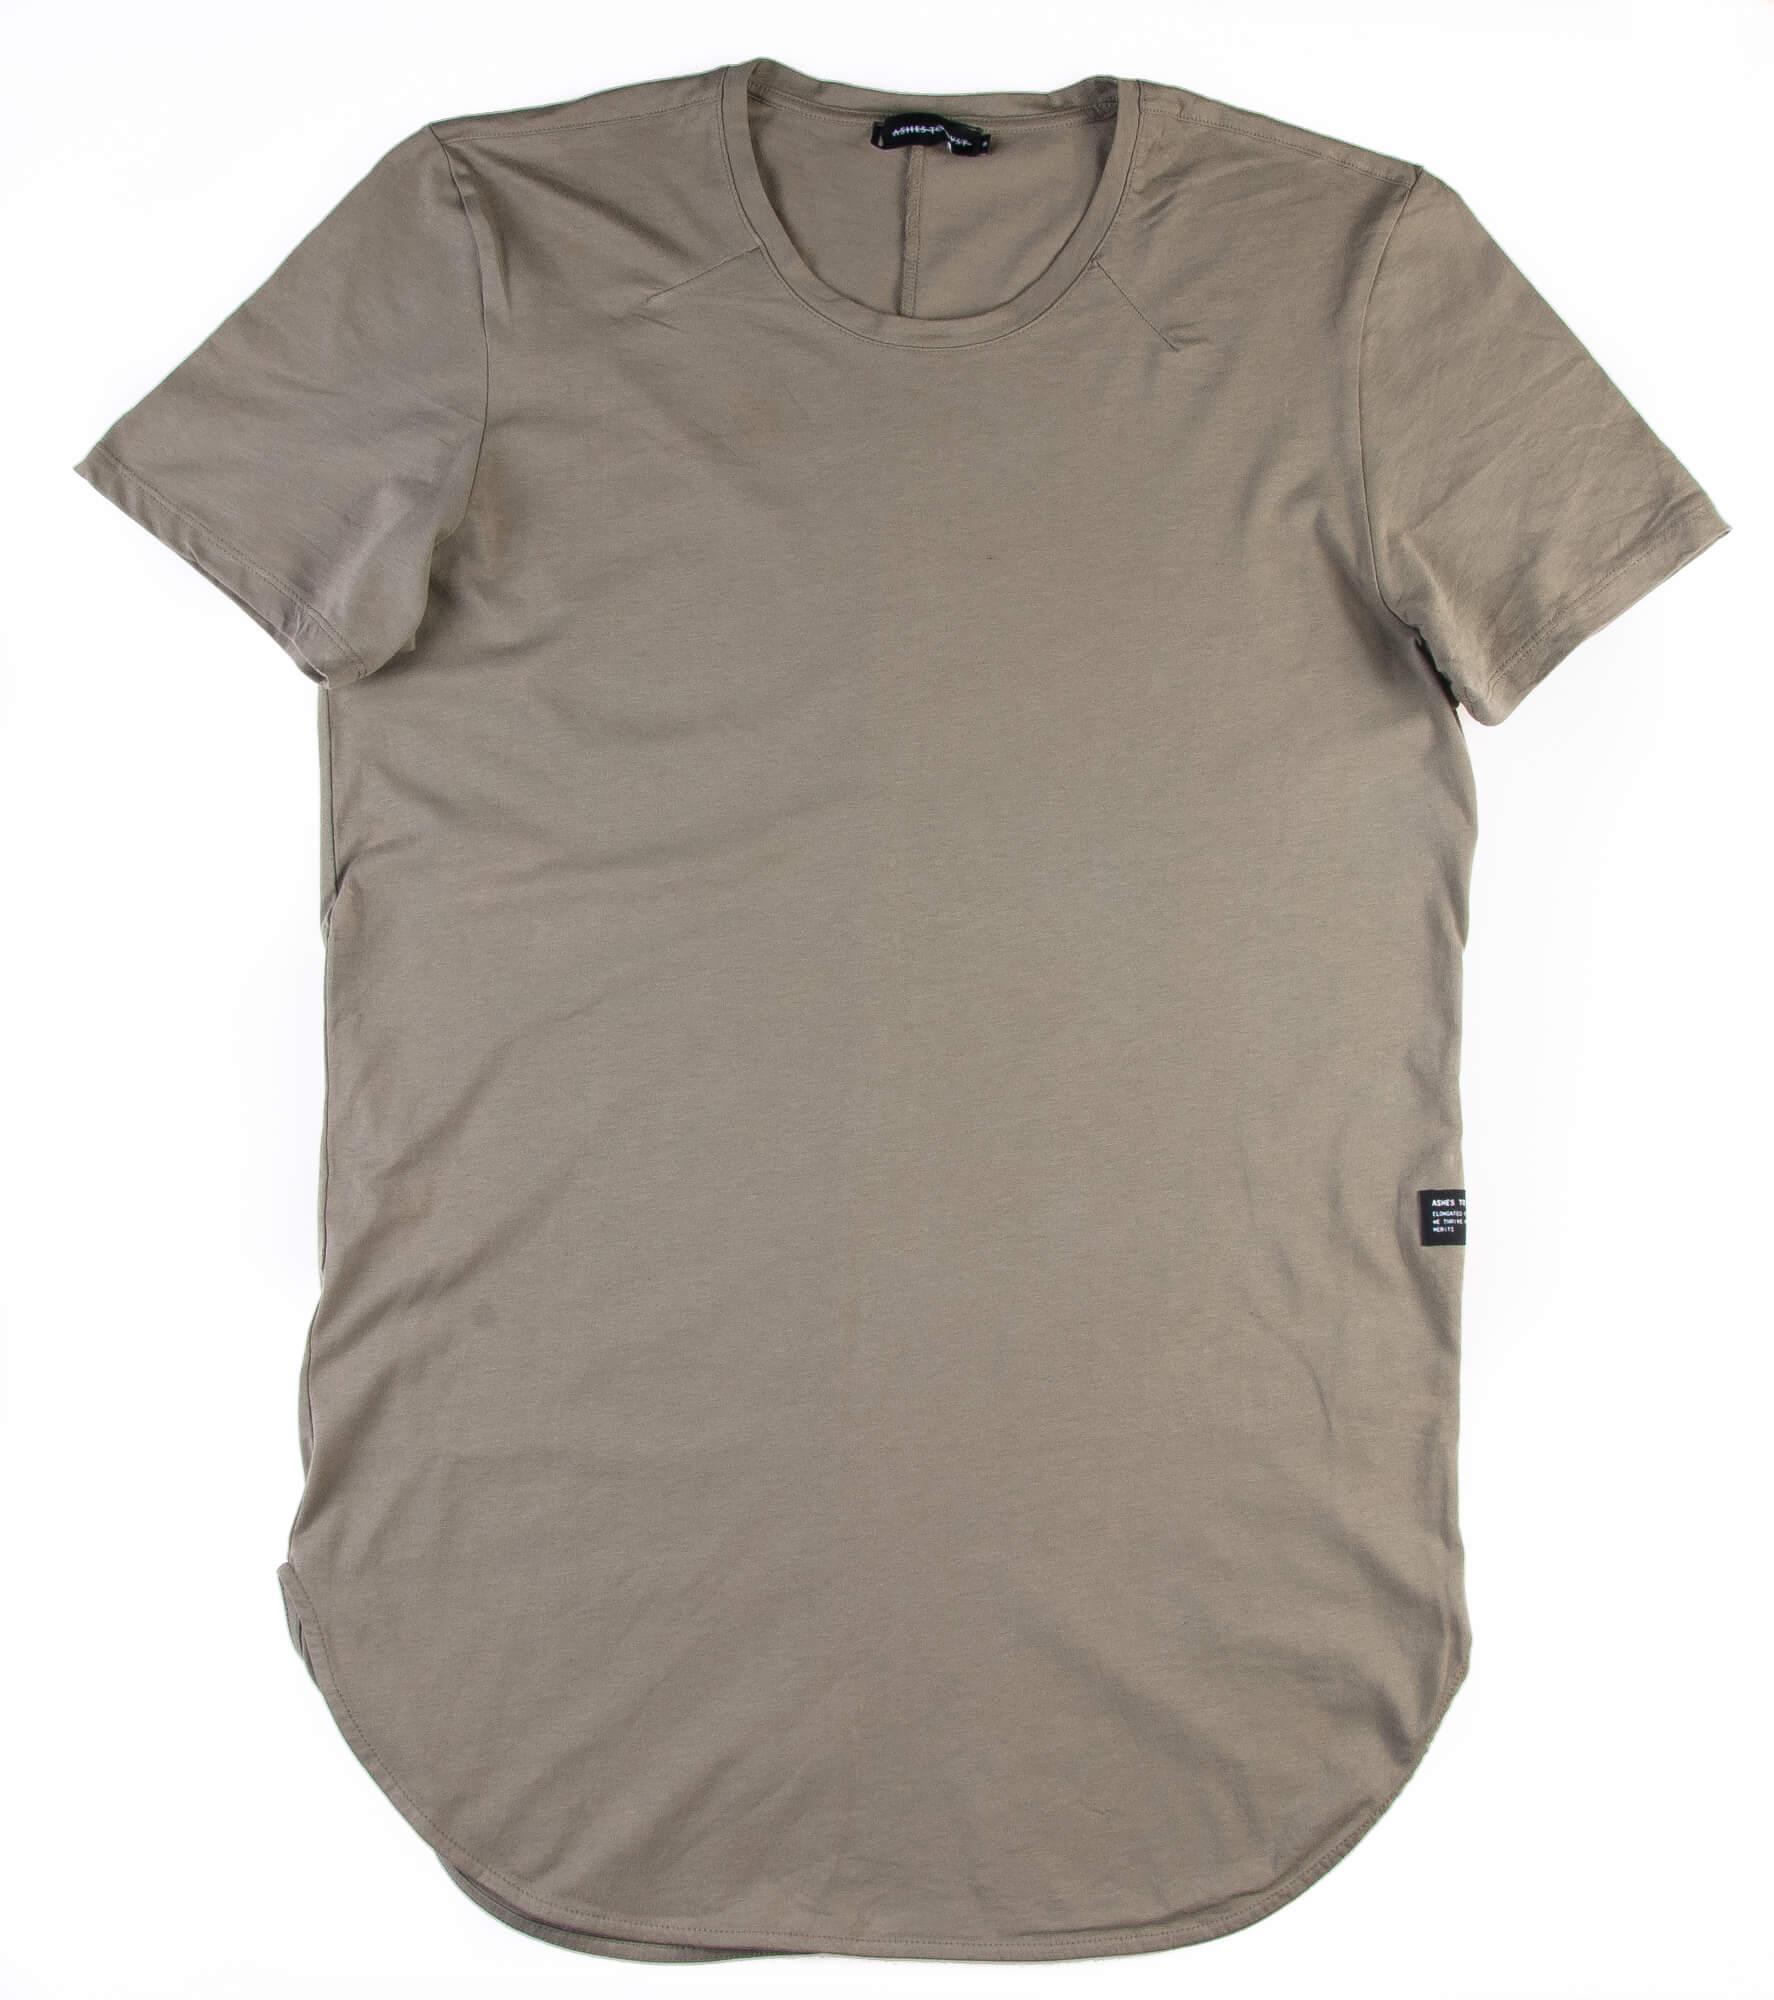 تی شرت مردانه برند S1022- CEDAR WOOD STATE